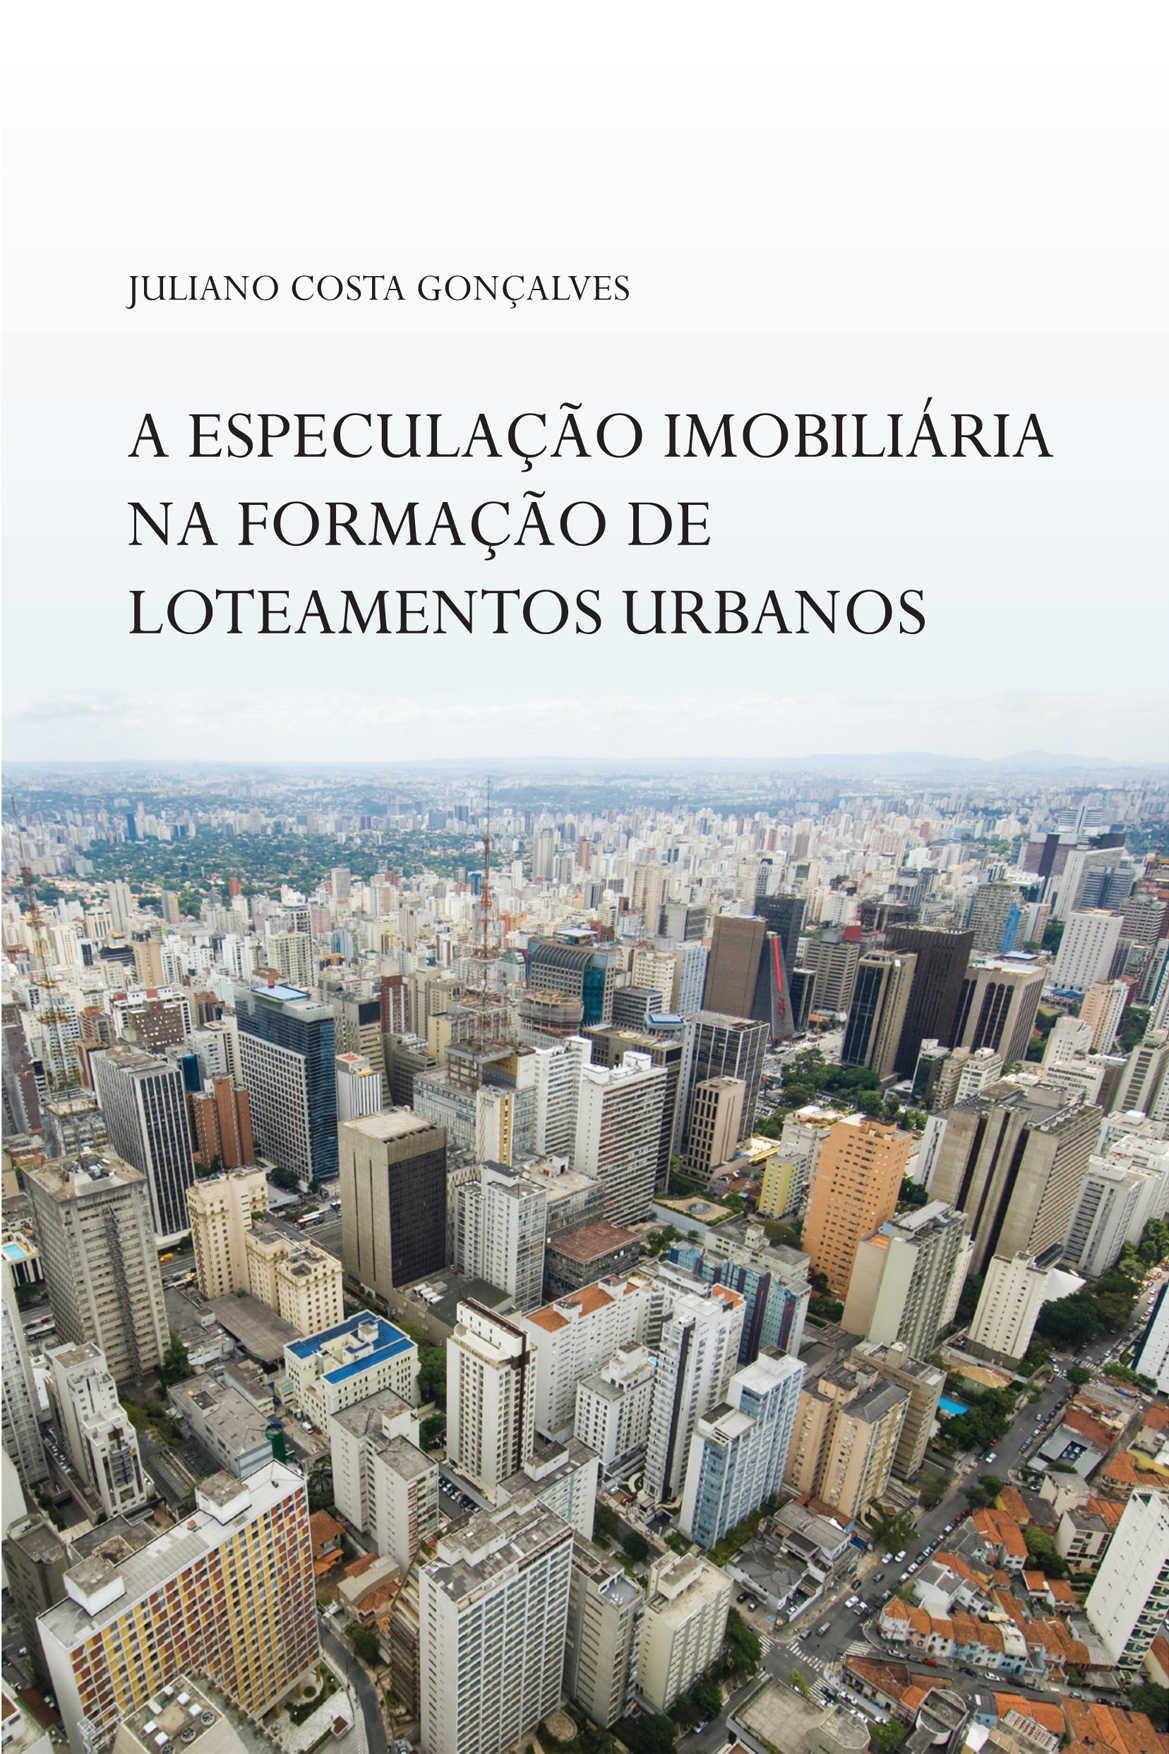 A especulação imobiliária na formação de loteamentos urbanos: um estudo de caso